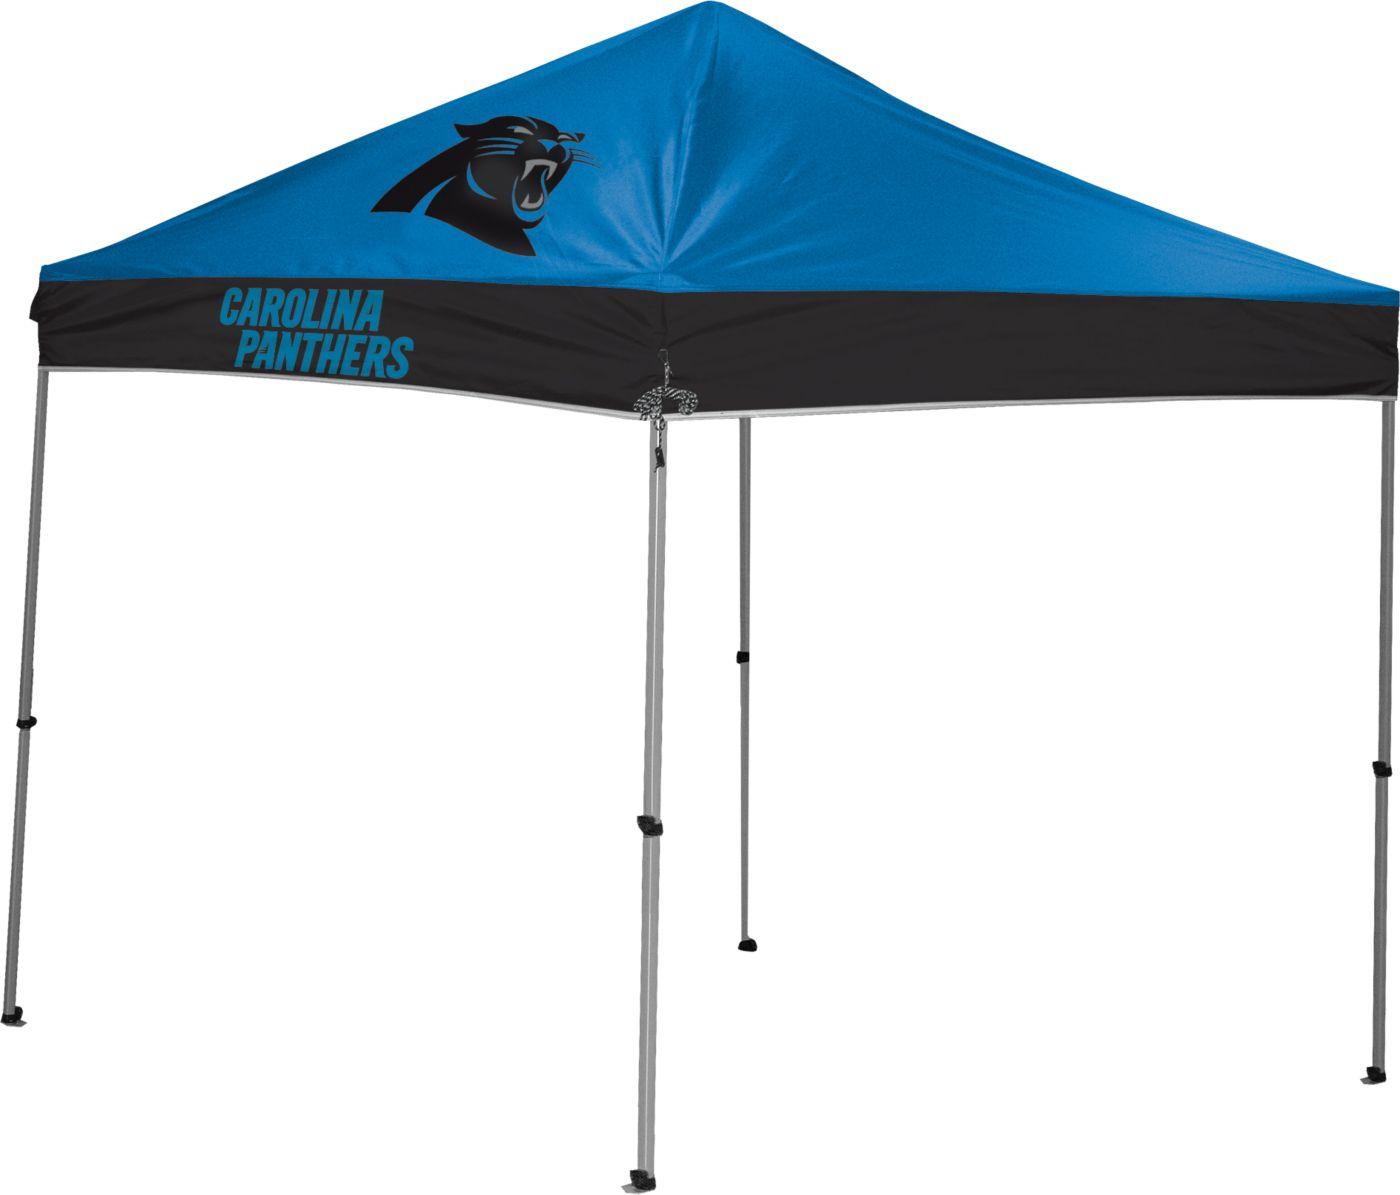 Rawlings Carolina Panthers 9'x9' Canopy Tent